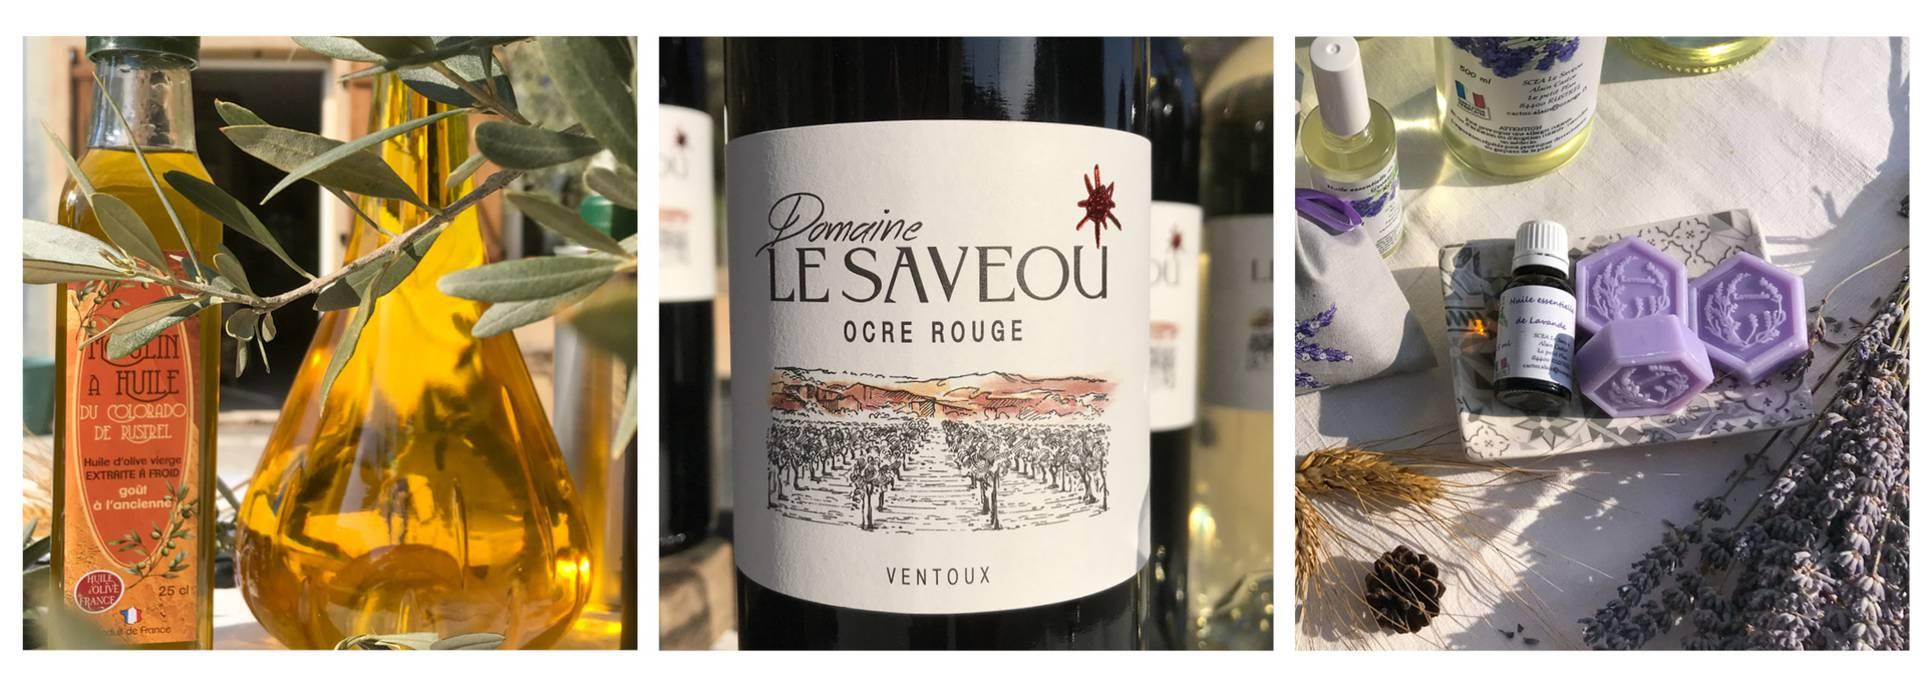 Huile d'olive du Luberon - Huiles essentielles de Lavande | Vin Saveou du Luberon